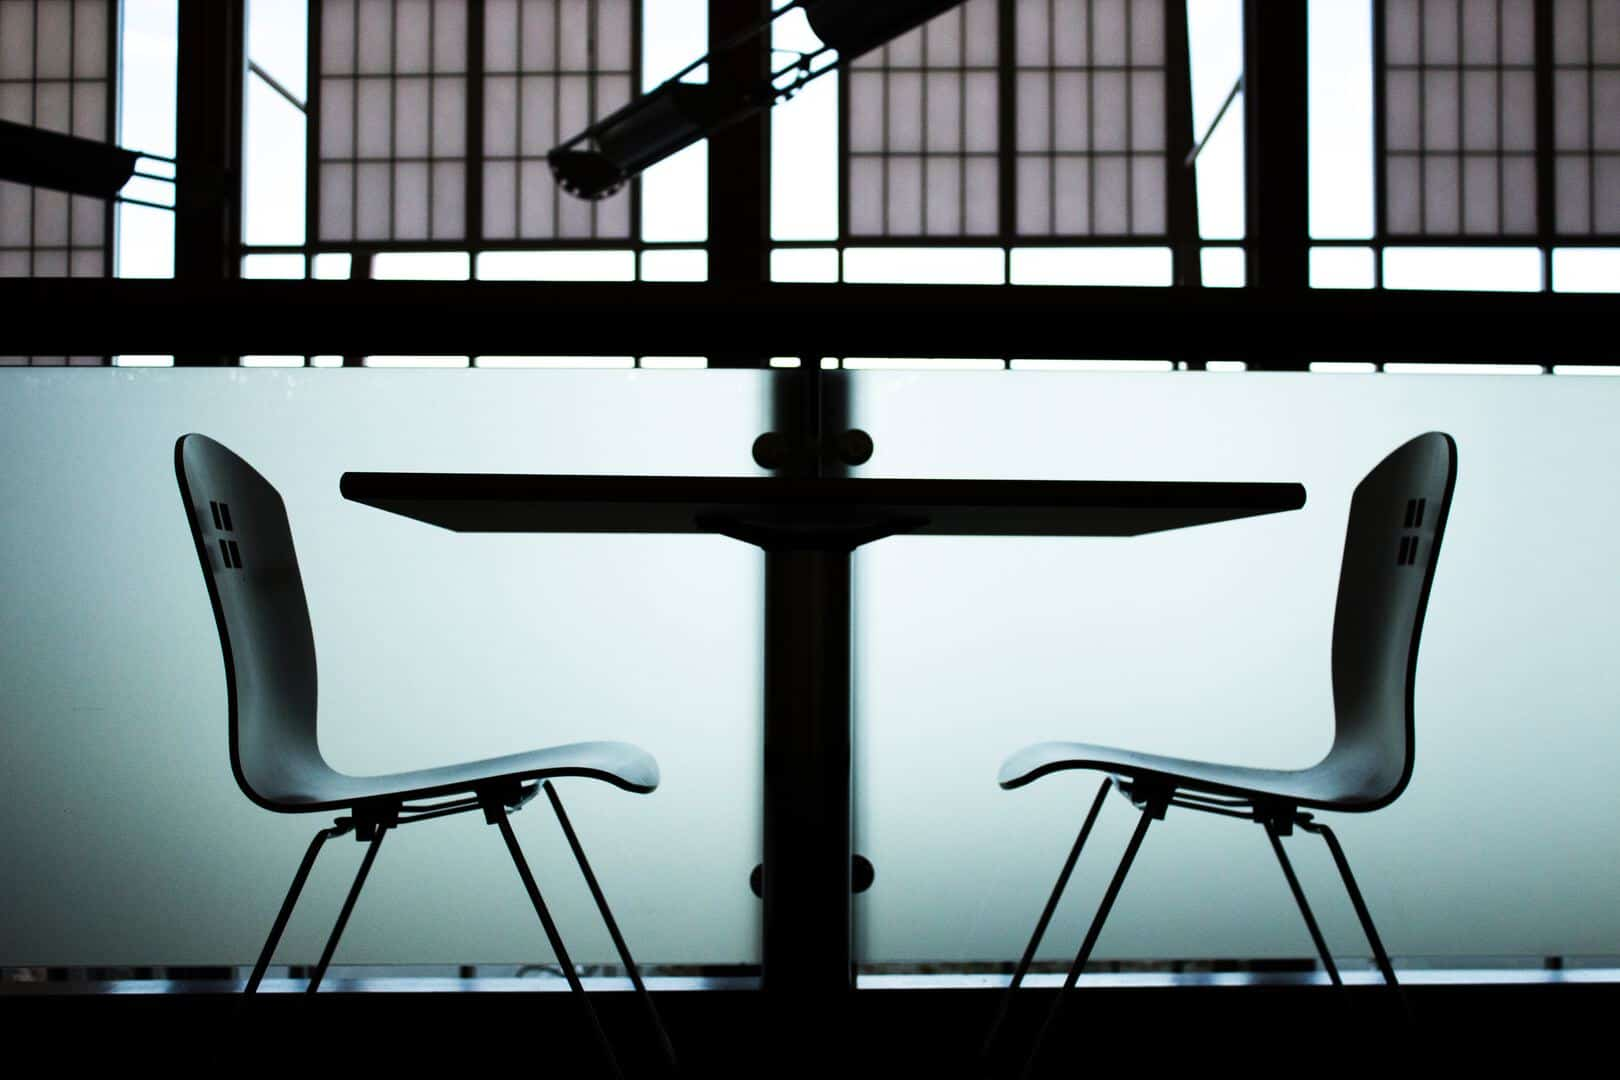 remarcar entrevista de emprego cadeiras mesa ausente 1024x683 - 6 Dicas de como remarcar uma entrevista de emprego sem manchar sua imagem profissional